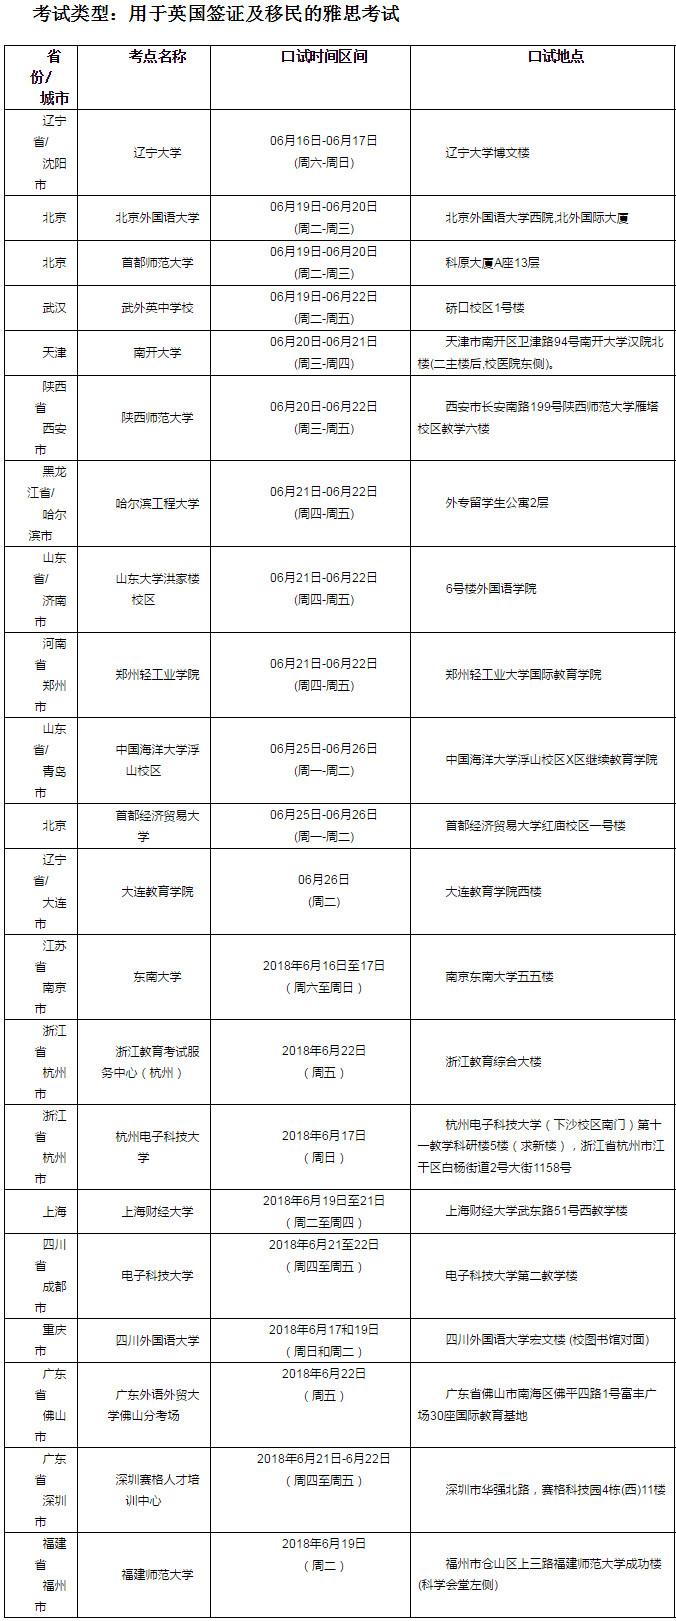 2018年6月23日雅思口语考试安排